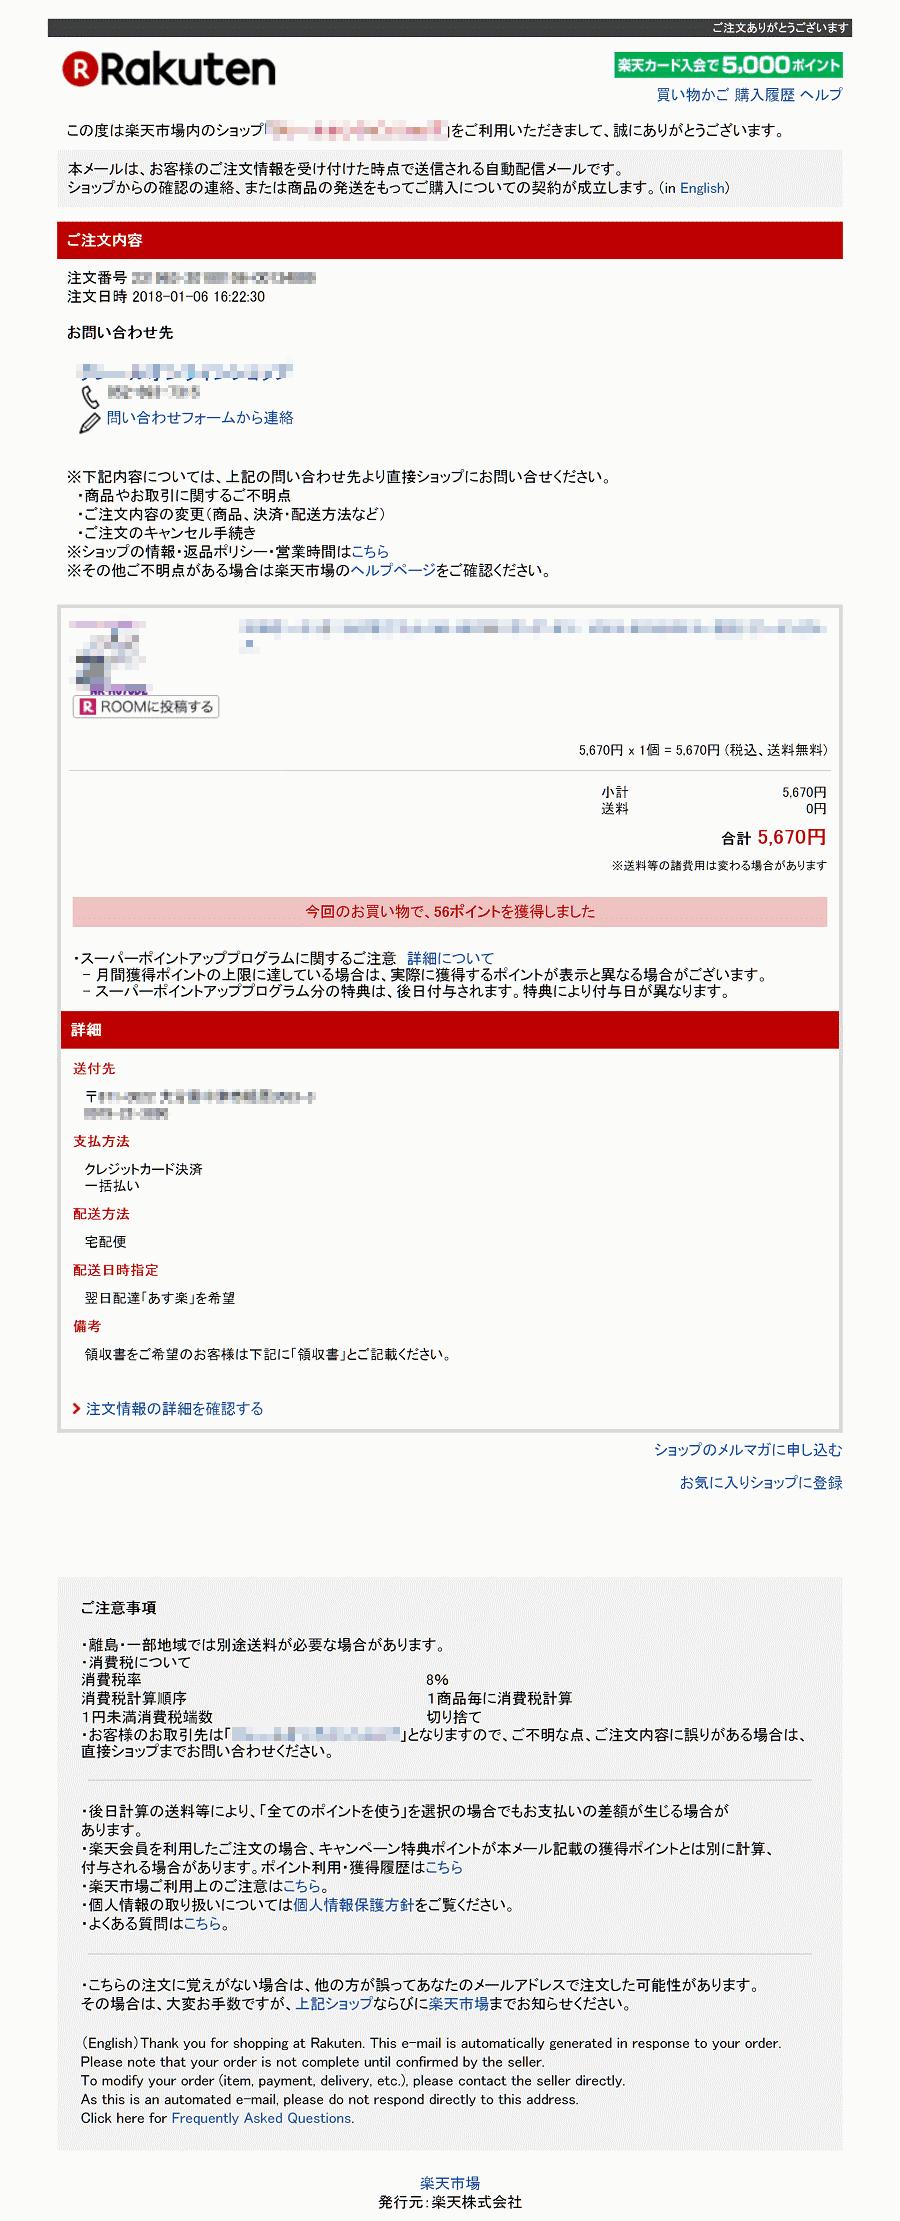 rakuten20180322.png